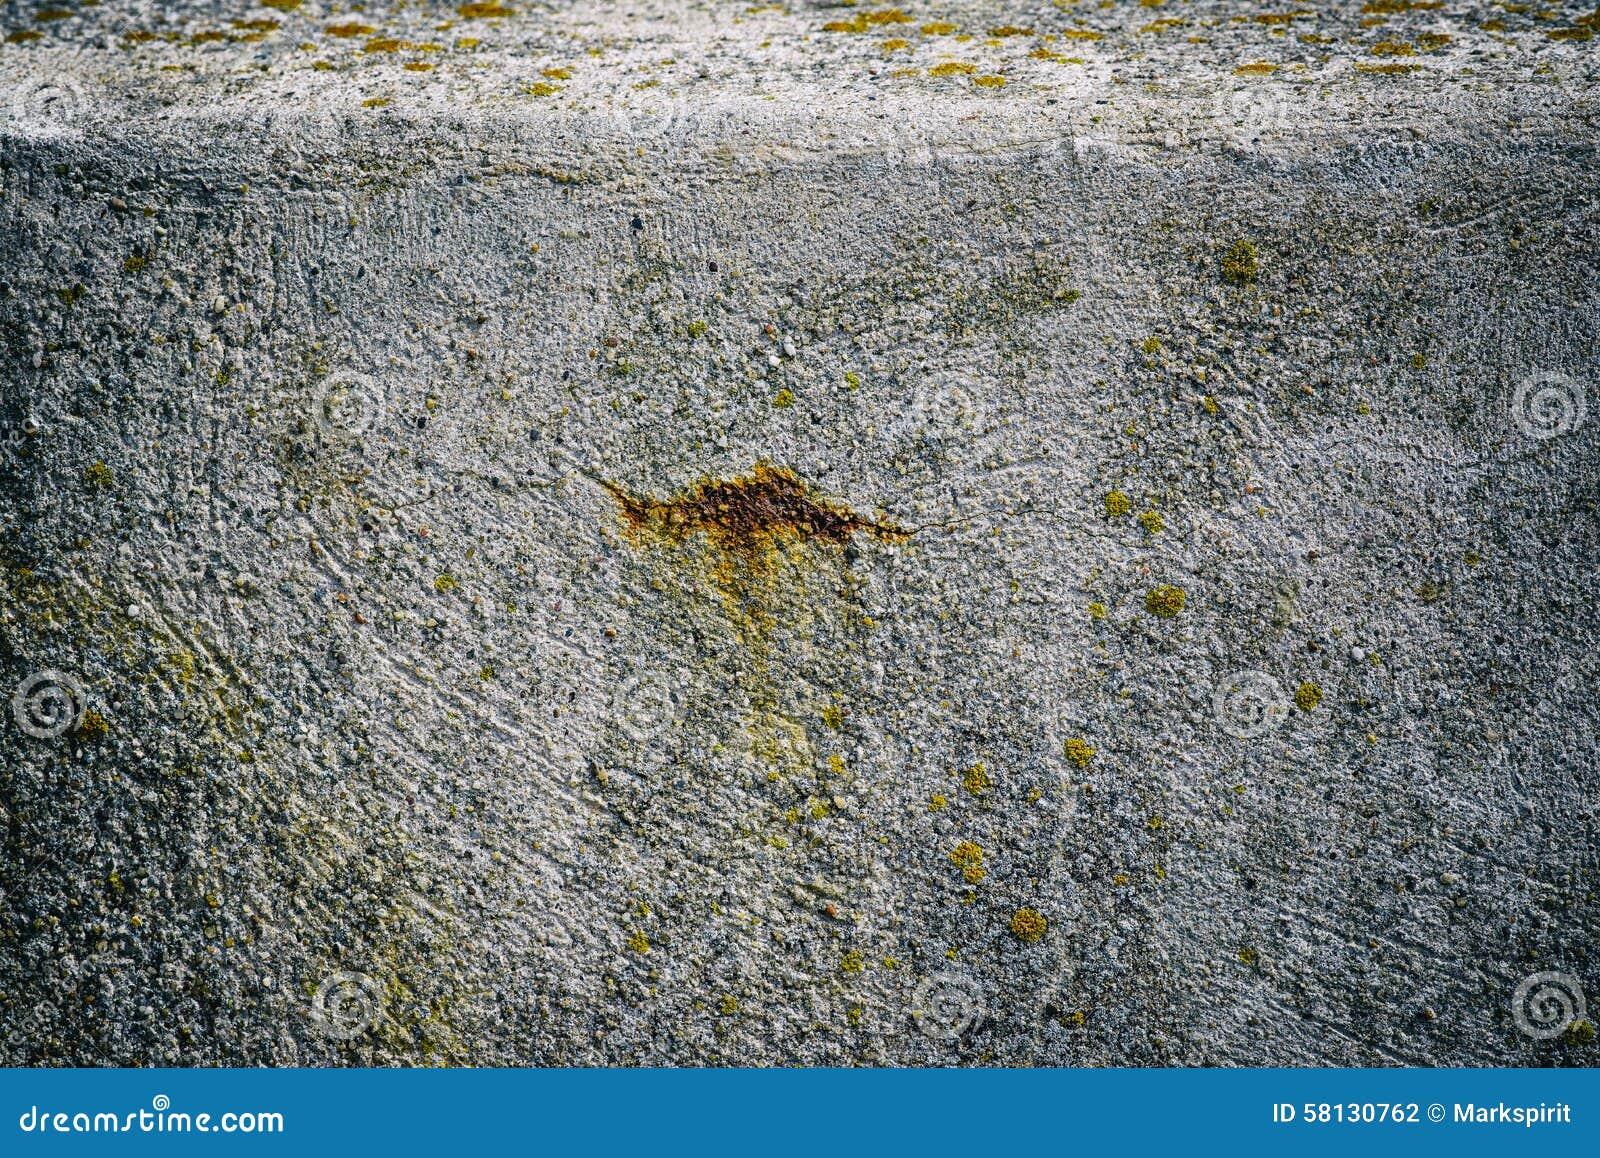 Ржавчина в бетоне формы для декоративного камня из бетона купить